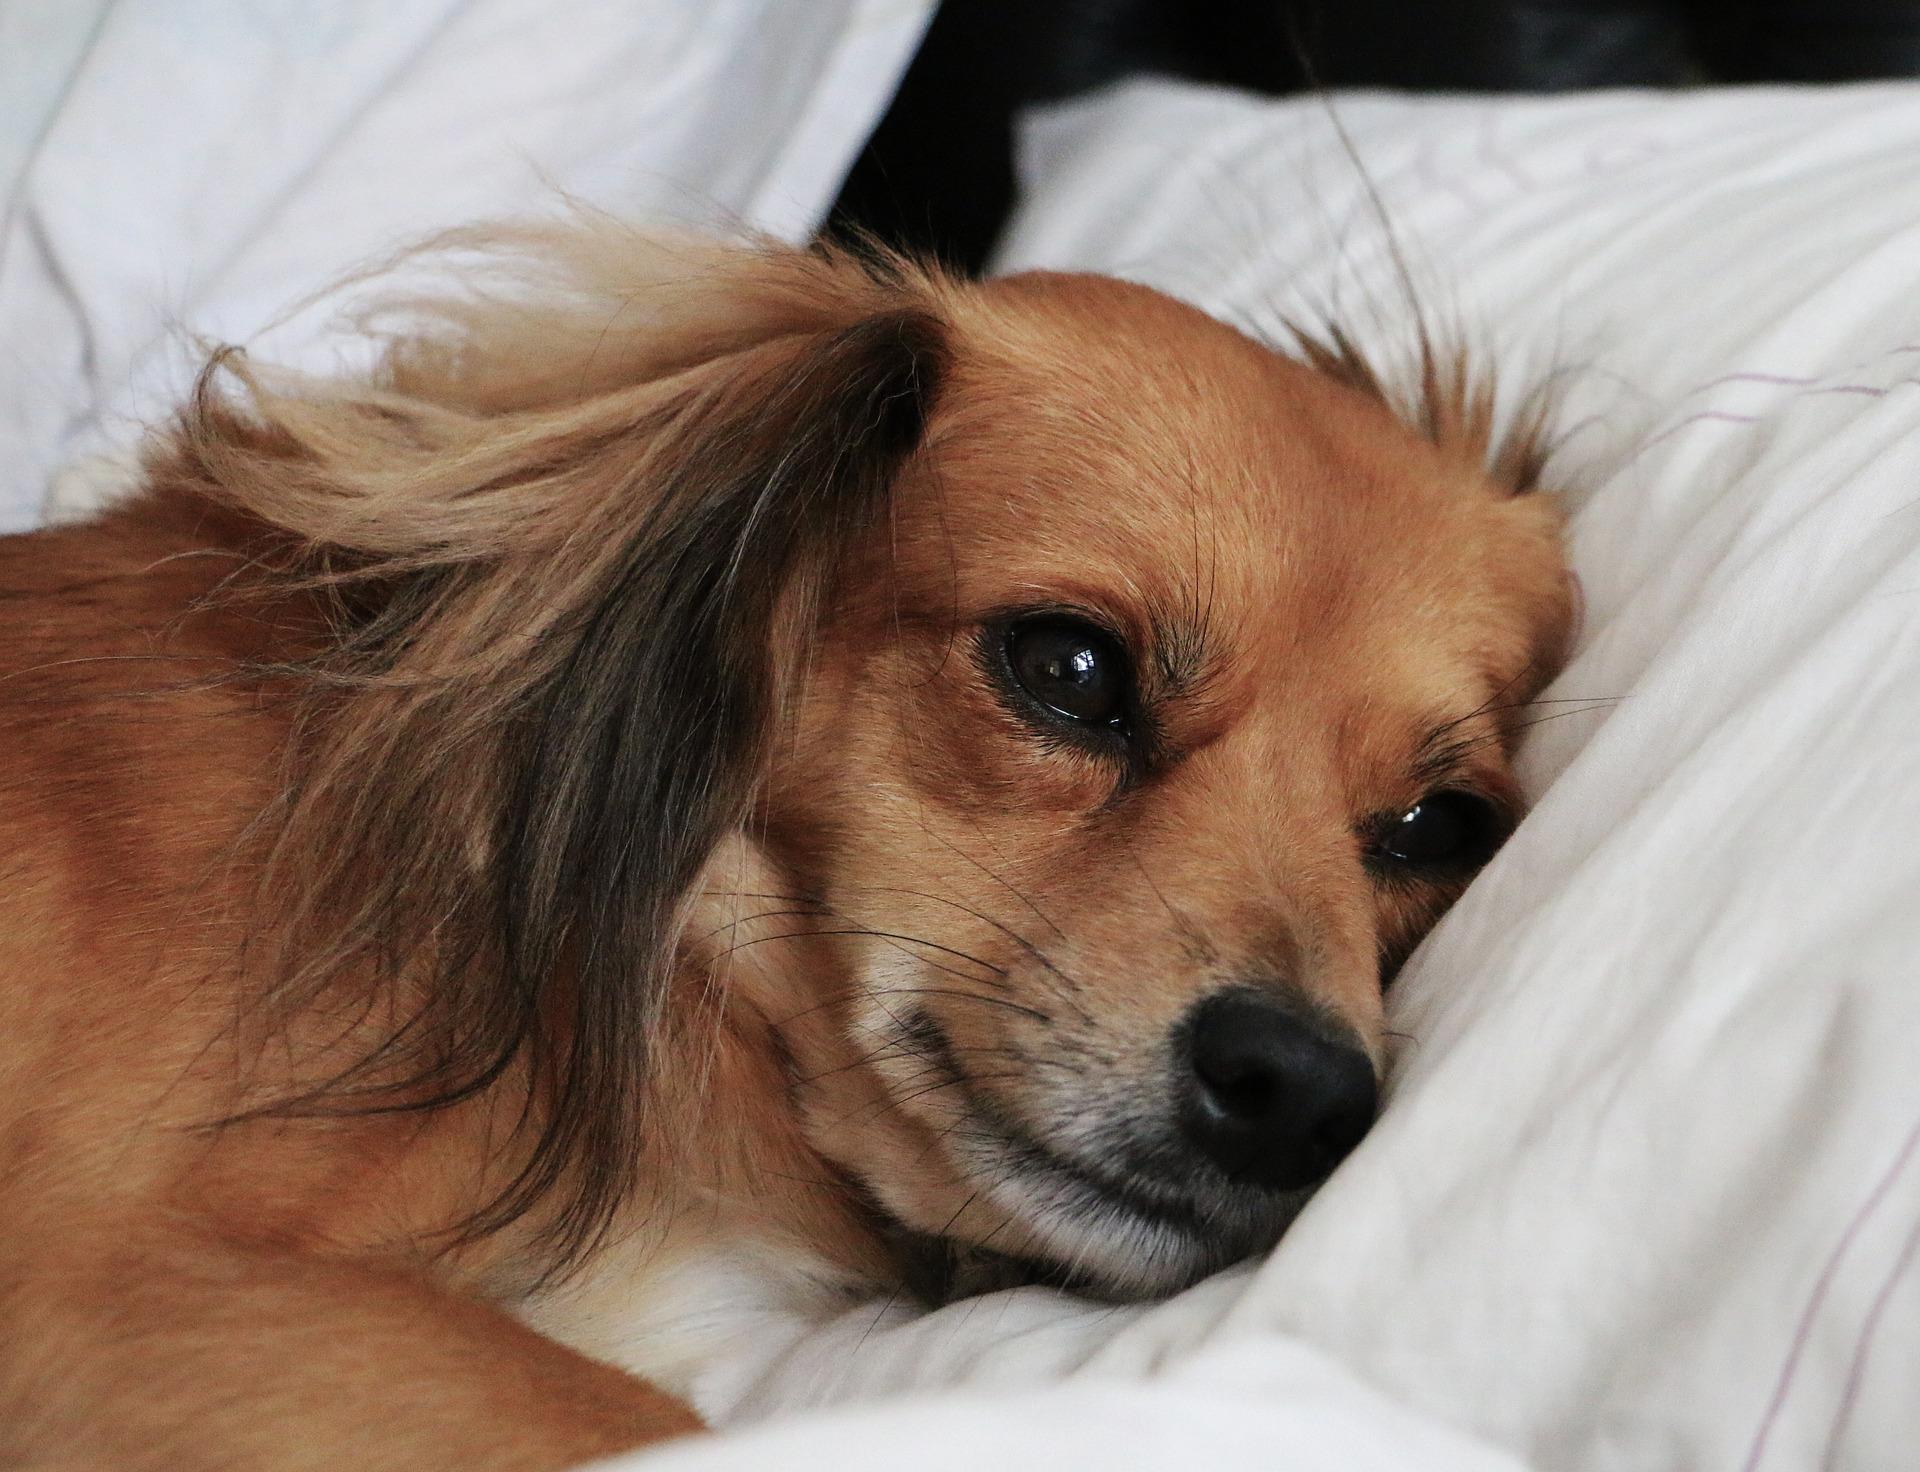 강아지 분리불안 해결 방법 알아보기